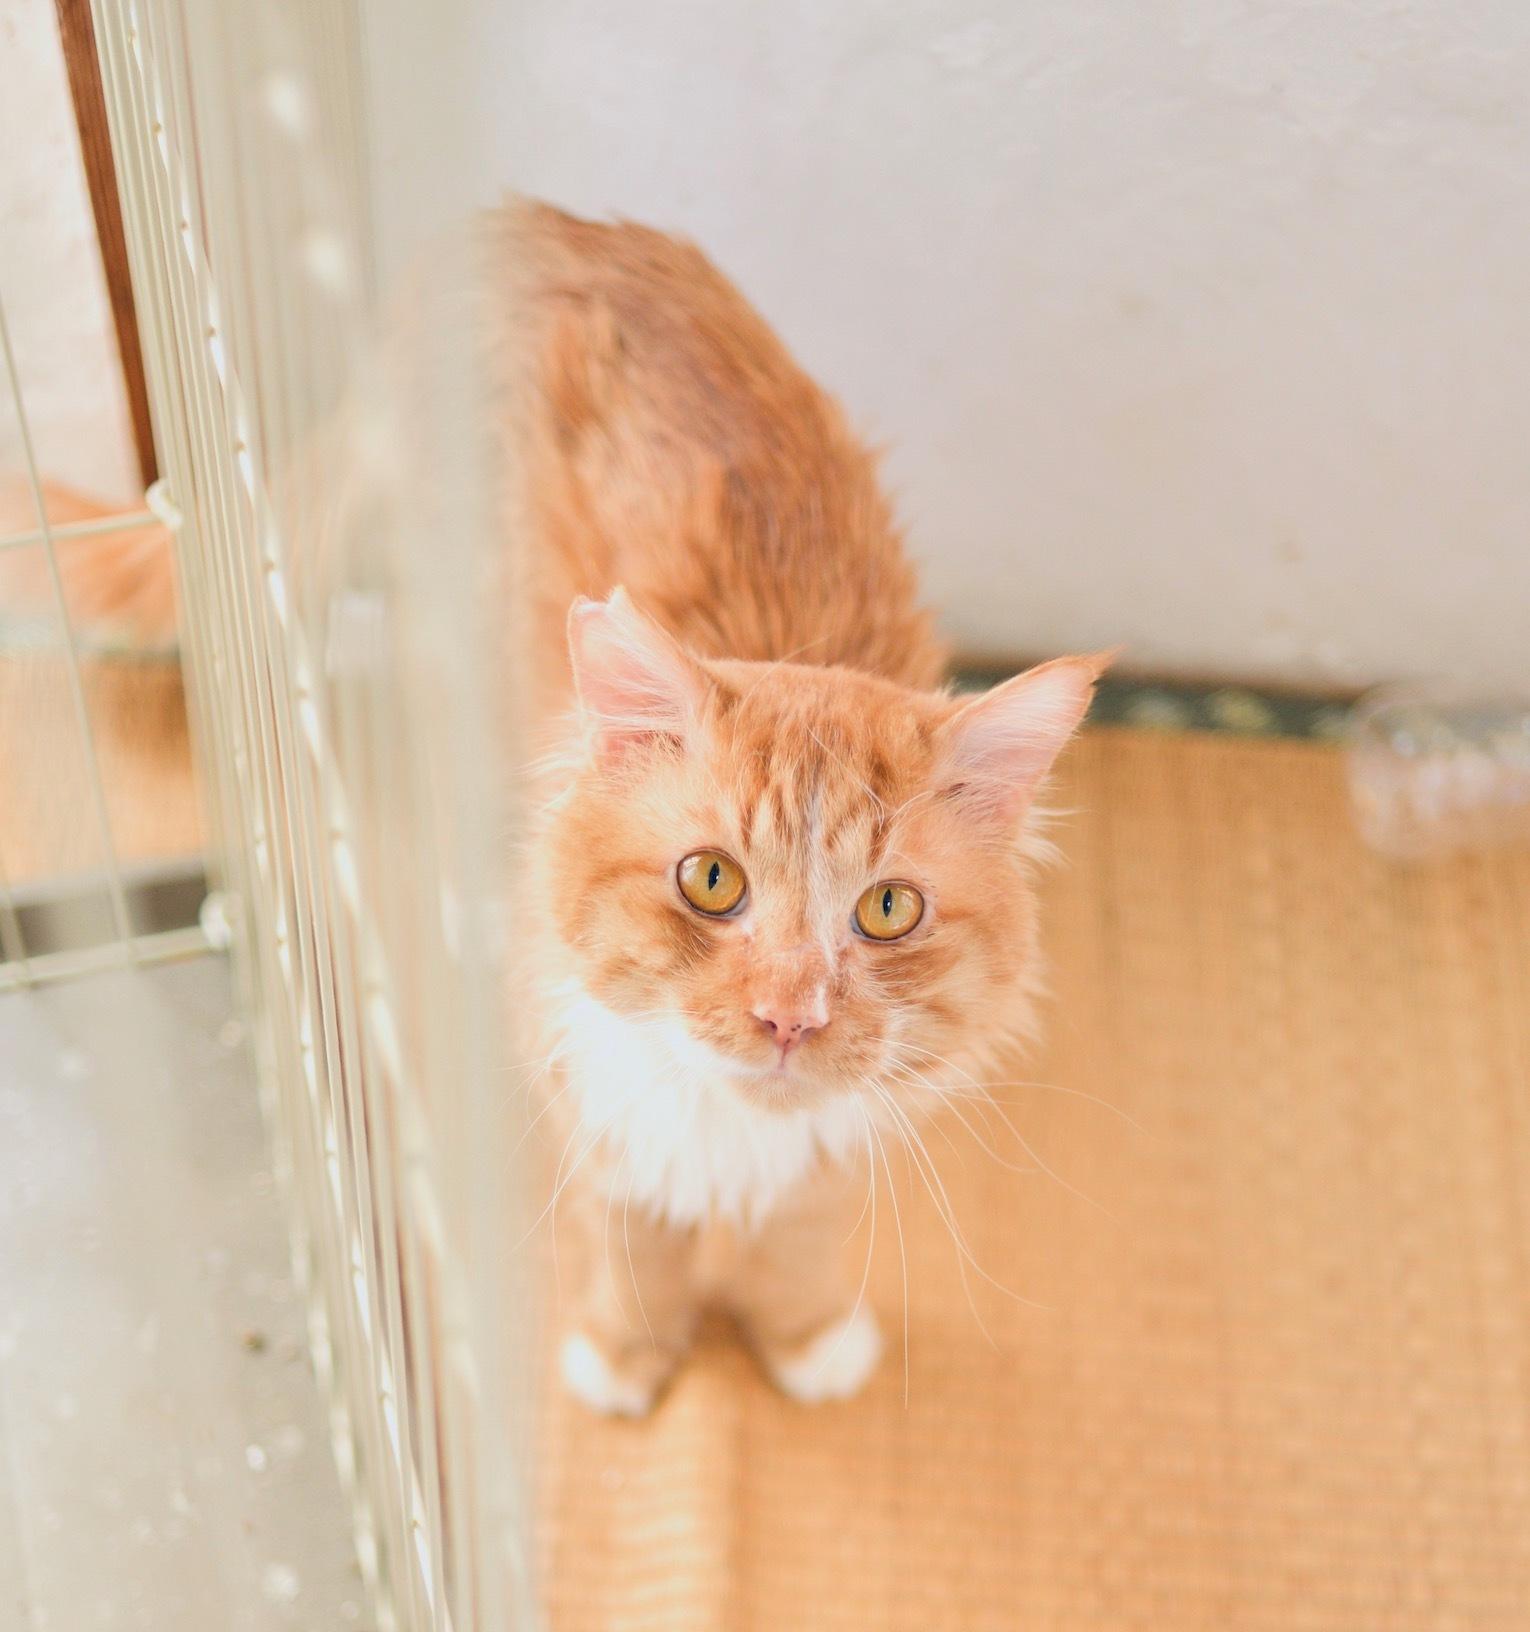 7月26日 動愛園 糸島 保護猫譲渡会_d0073743_20062597.jpeg